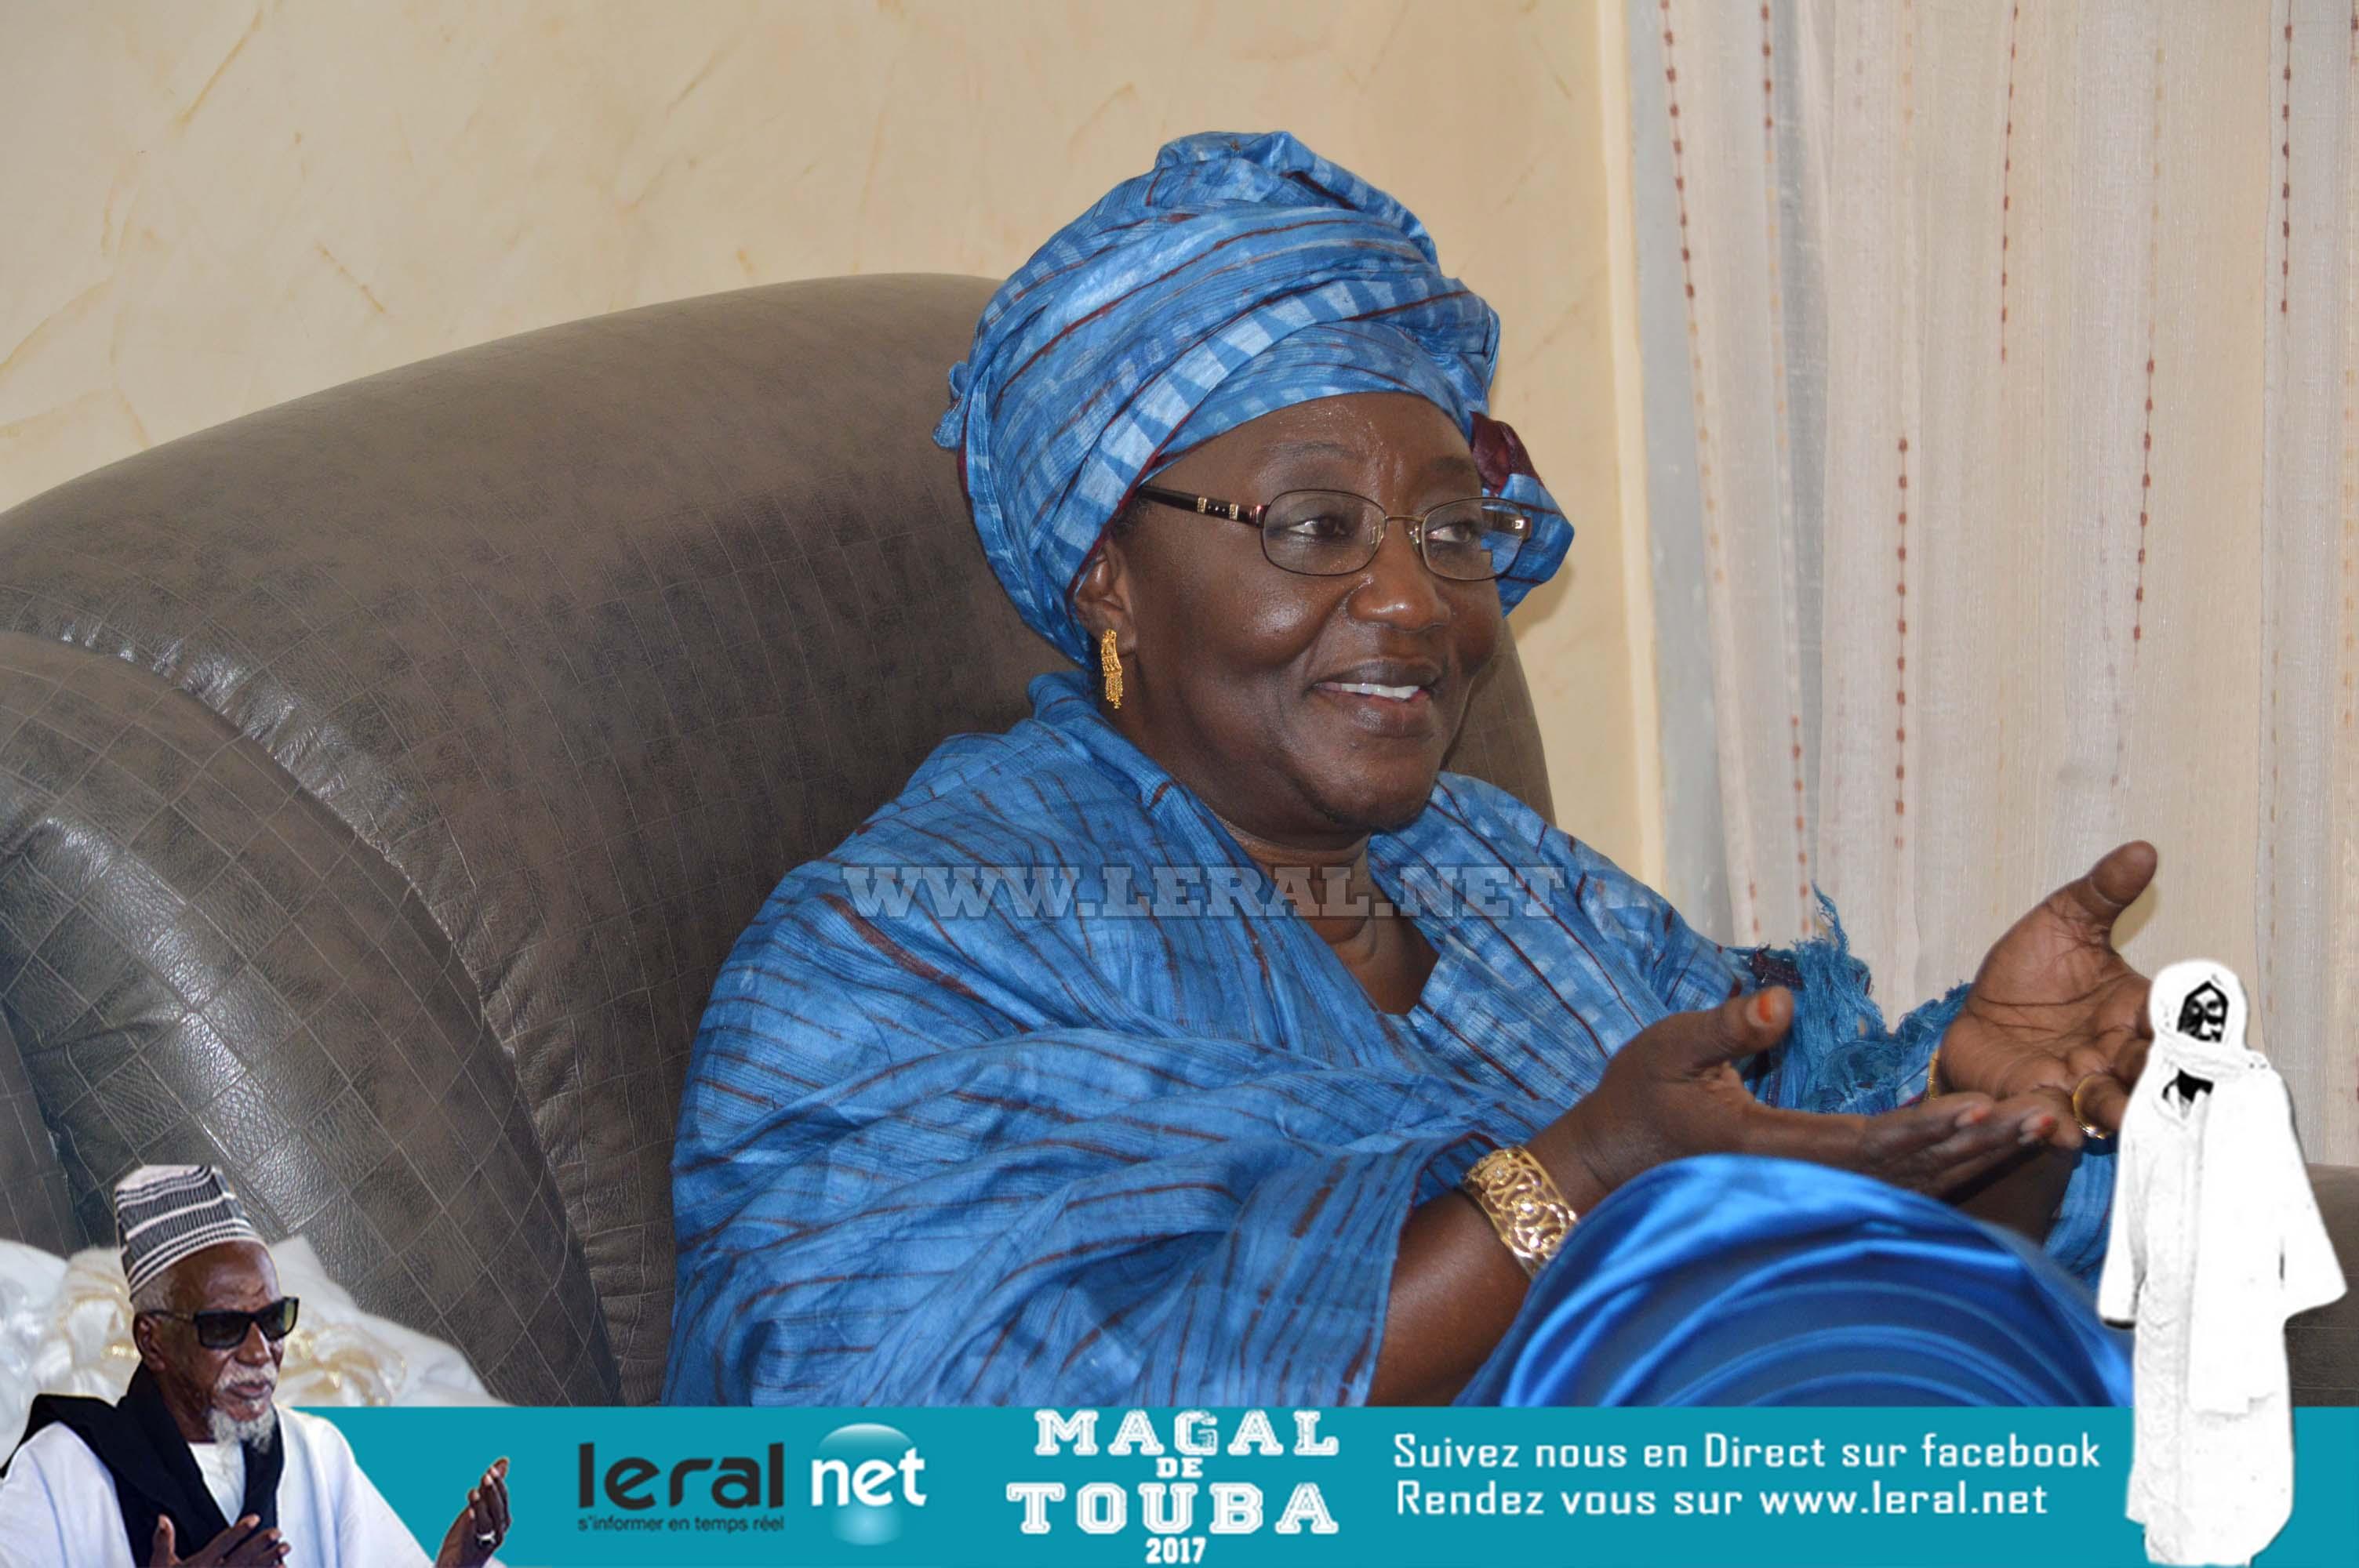 Magal Touba 2017: Images de la visite de l'ex-président Abdoulaye Wade